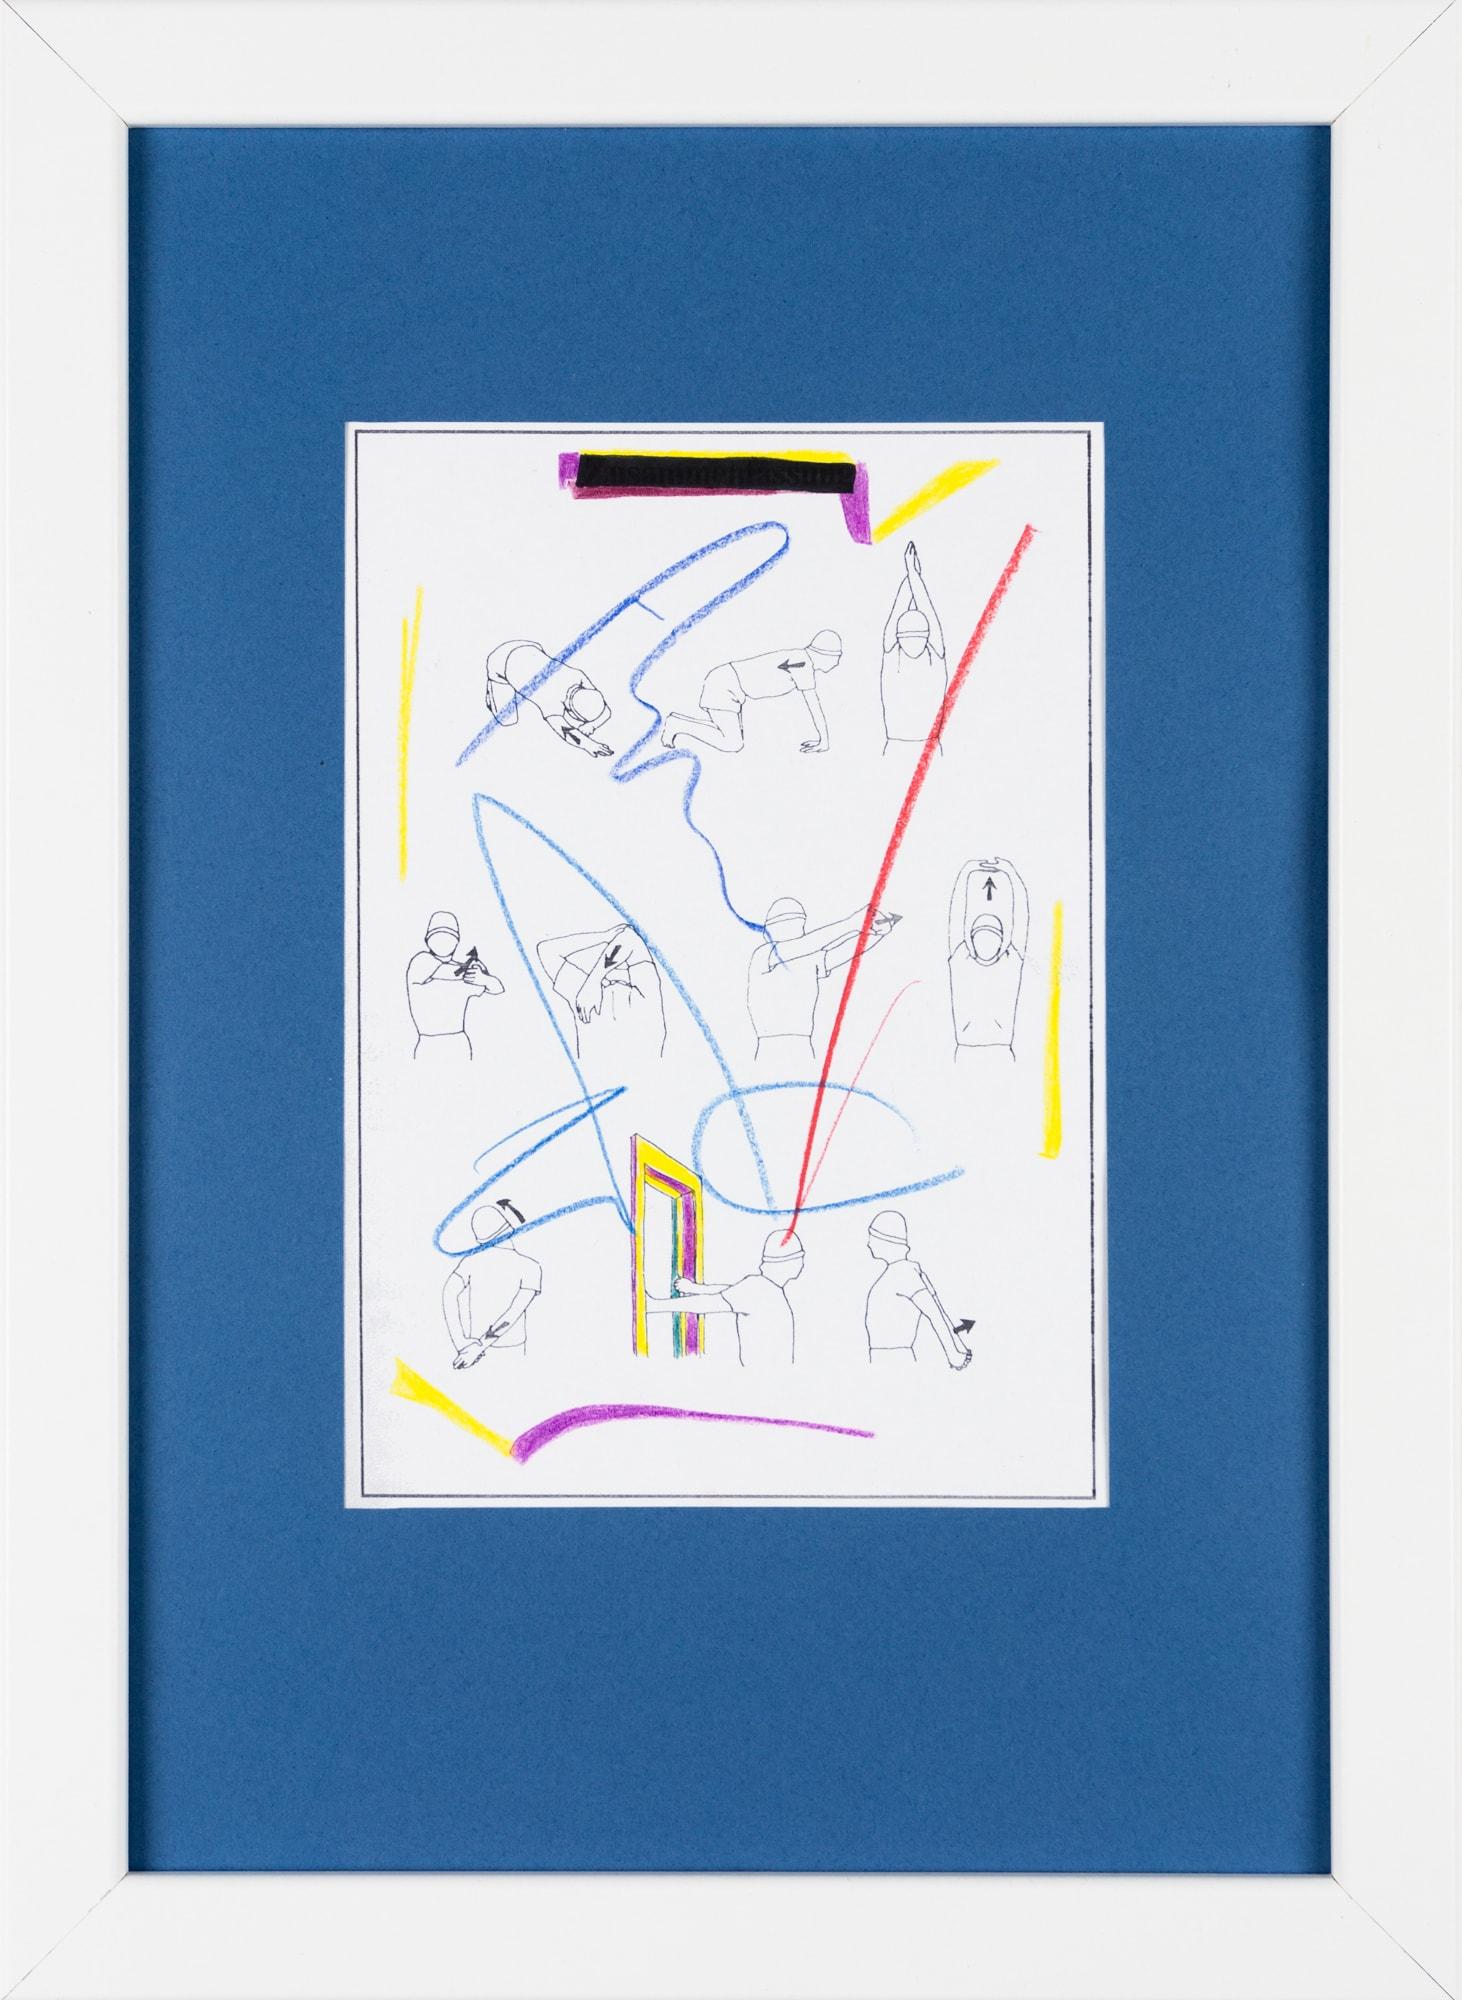 Übermalung und Mischtechnik auf Papier, 12,7x18,1cm, Originalgrafik zum gleichnamigen Booklet, Künstlerin: Franziska King